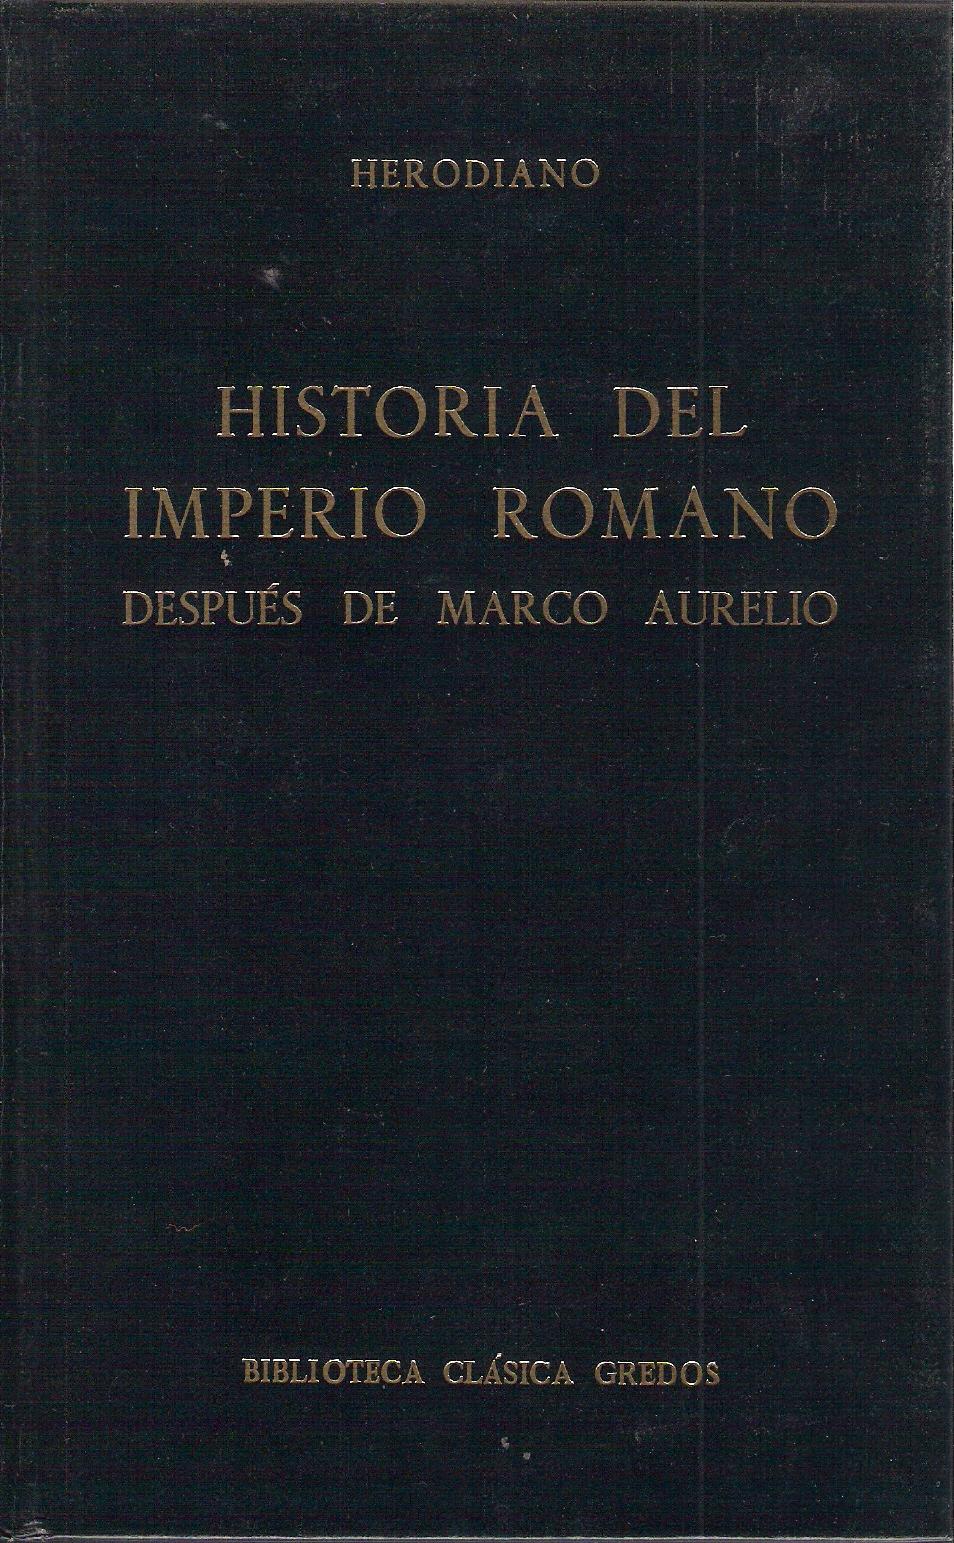 Historia del imperio Romano despúes de Marco Aurelio